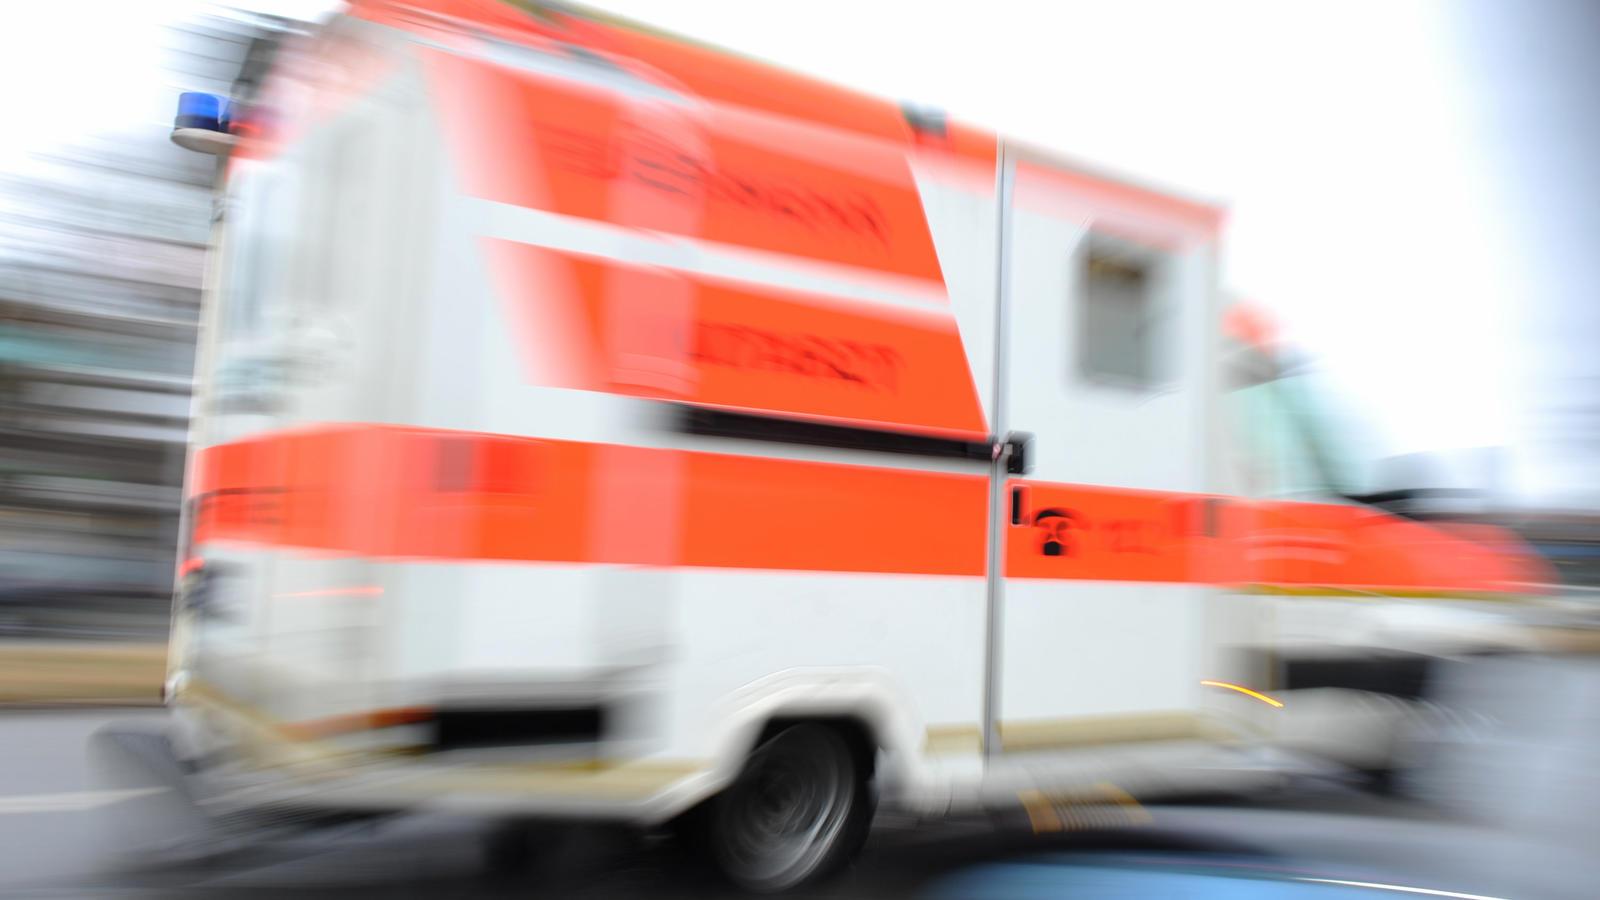 Horror-Unfall: Seil von Freefall-Tower in Freizeitpark abgerissen